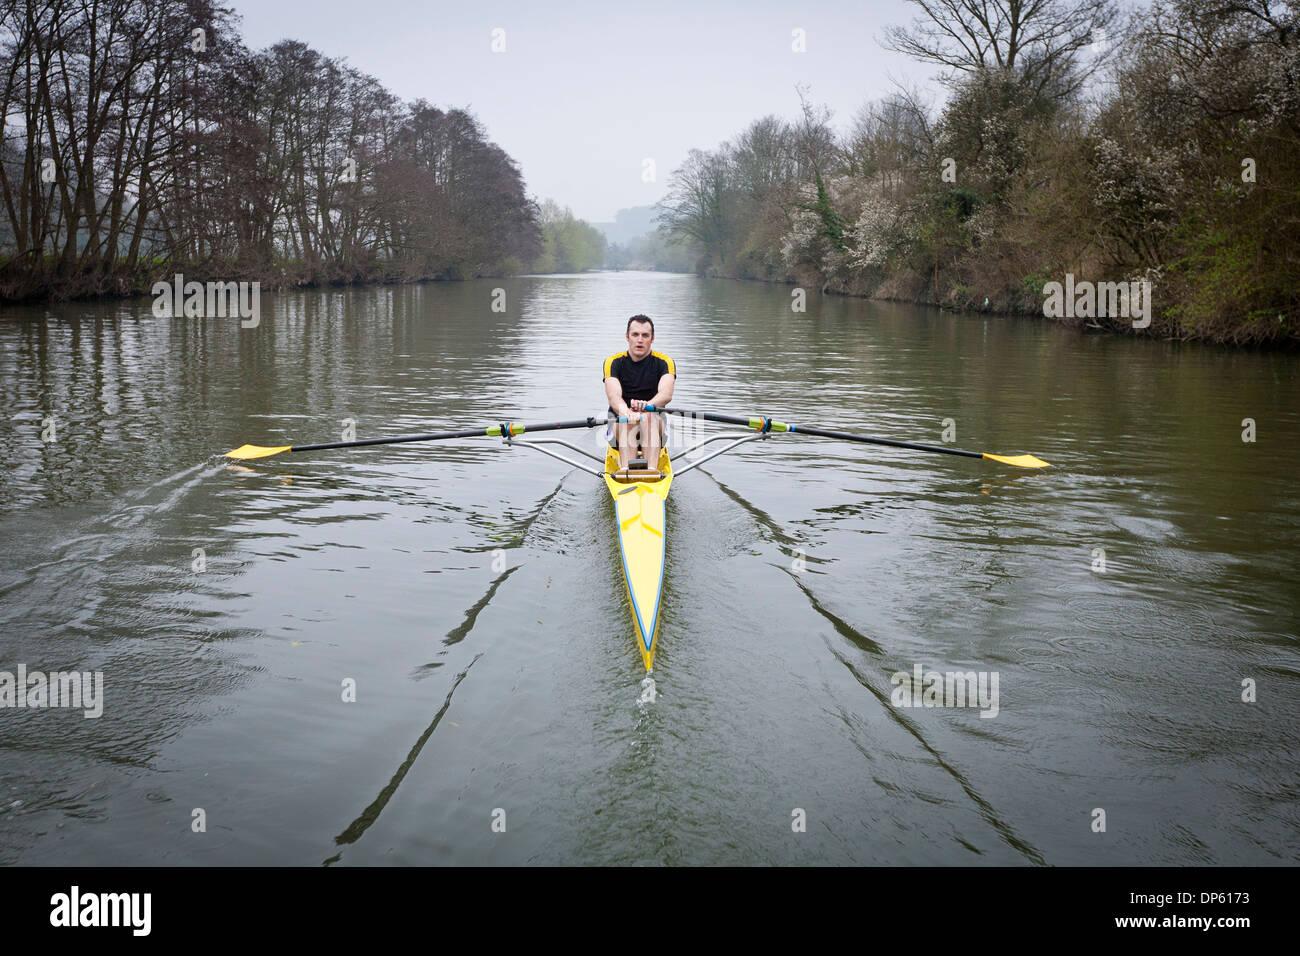 Un uomo in un singolo scull barca a remi sul fiume Avon a Bath, Regno Unito. Immagini Stock